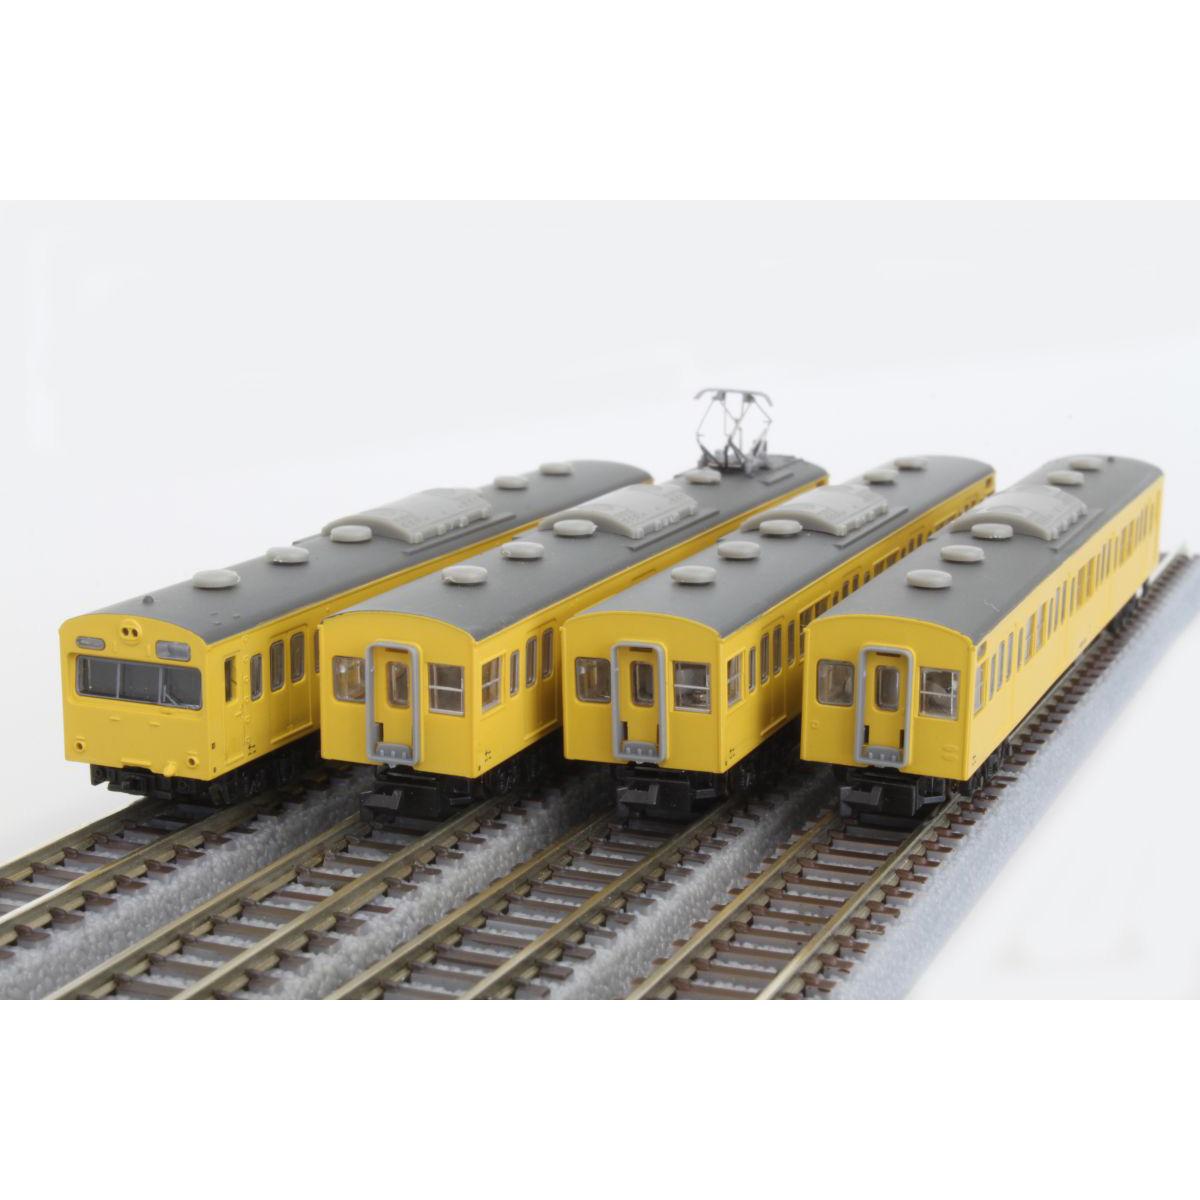 ロクハン Zゲージ 国鉄103系 カナリア 総武線 4両基本セット